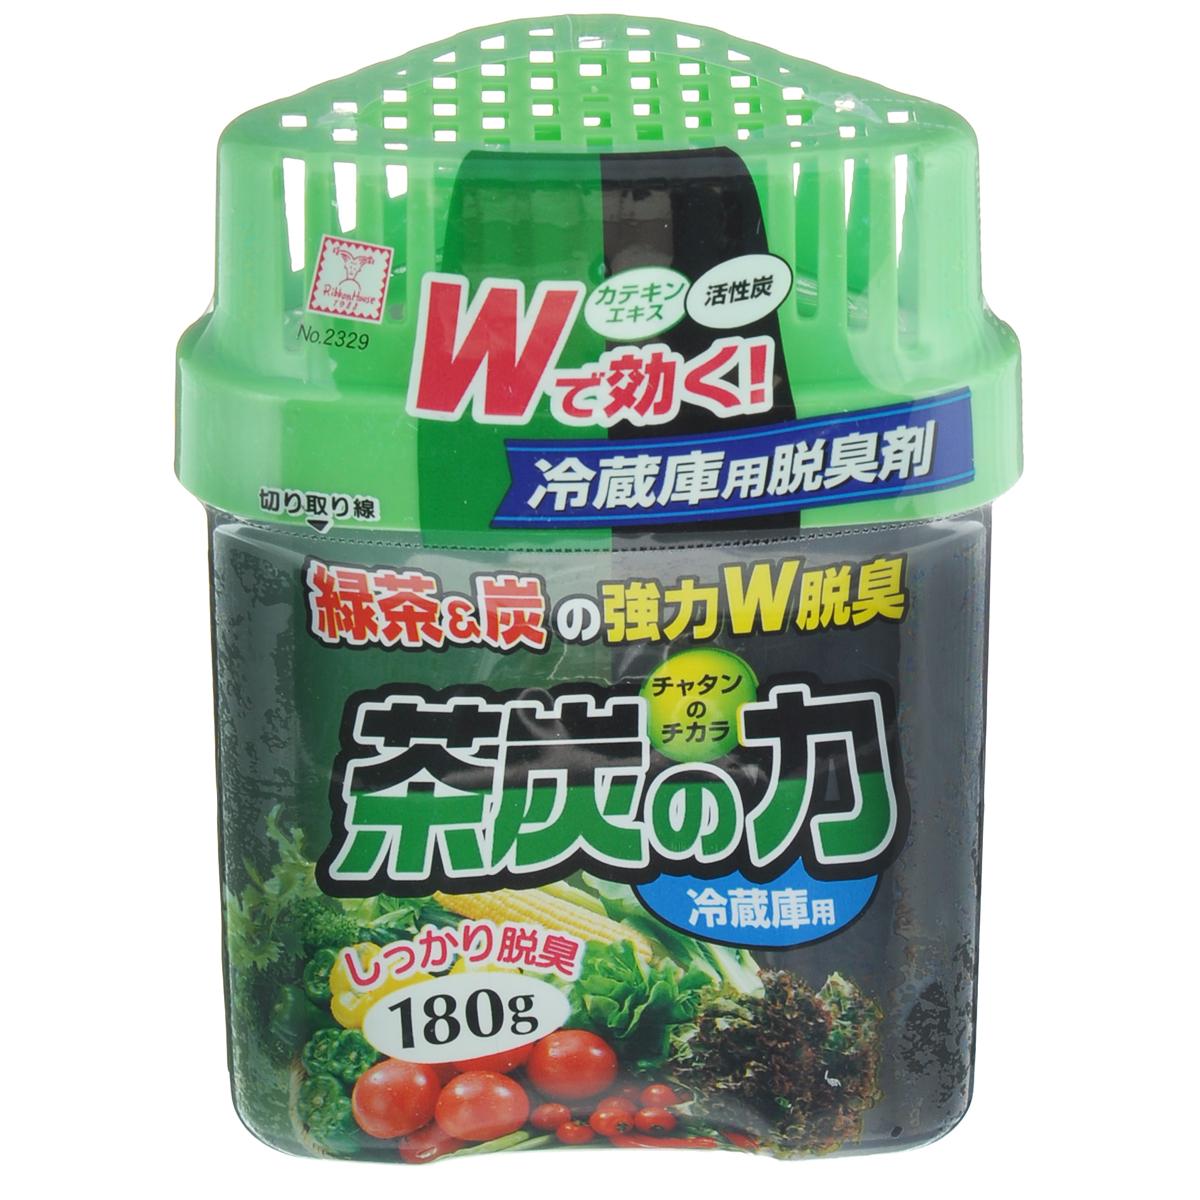 Нейтрализатор запахов для холодильника KOKUBO Сила угля и зеленого чая, 180 г223299Нейтрализатор запахов для холодильника KOKUBO Сила угля и зеленого чая поглощает неприятные запахи, даже очень резкие и стойкие. Способствует долгому сохранению свежести и вкусовых качеств продуктов в холодильнике. Благодаря содержанию древесного угля и экстракта зеленого чая обеспечивает длительный антигрибковый и бактерицидный эффект. Продолжительность действия до 2-х месяцев при объеме холодильника до 450-ти литров.Состав: дистиллированная вода, гелиевый наполнитель, порошок угля Бинчо, естественный дезодорант, экстракт белого чая.Вес: 180 г.